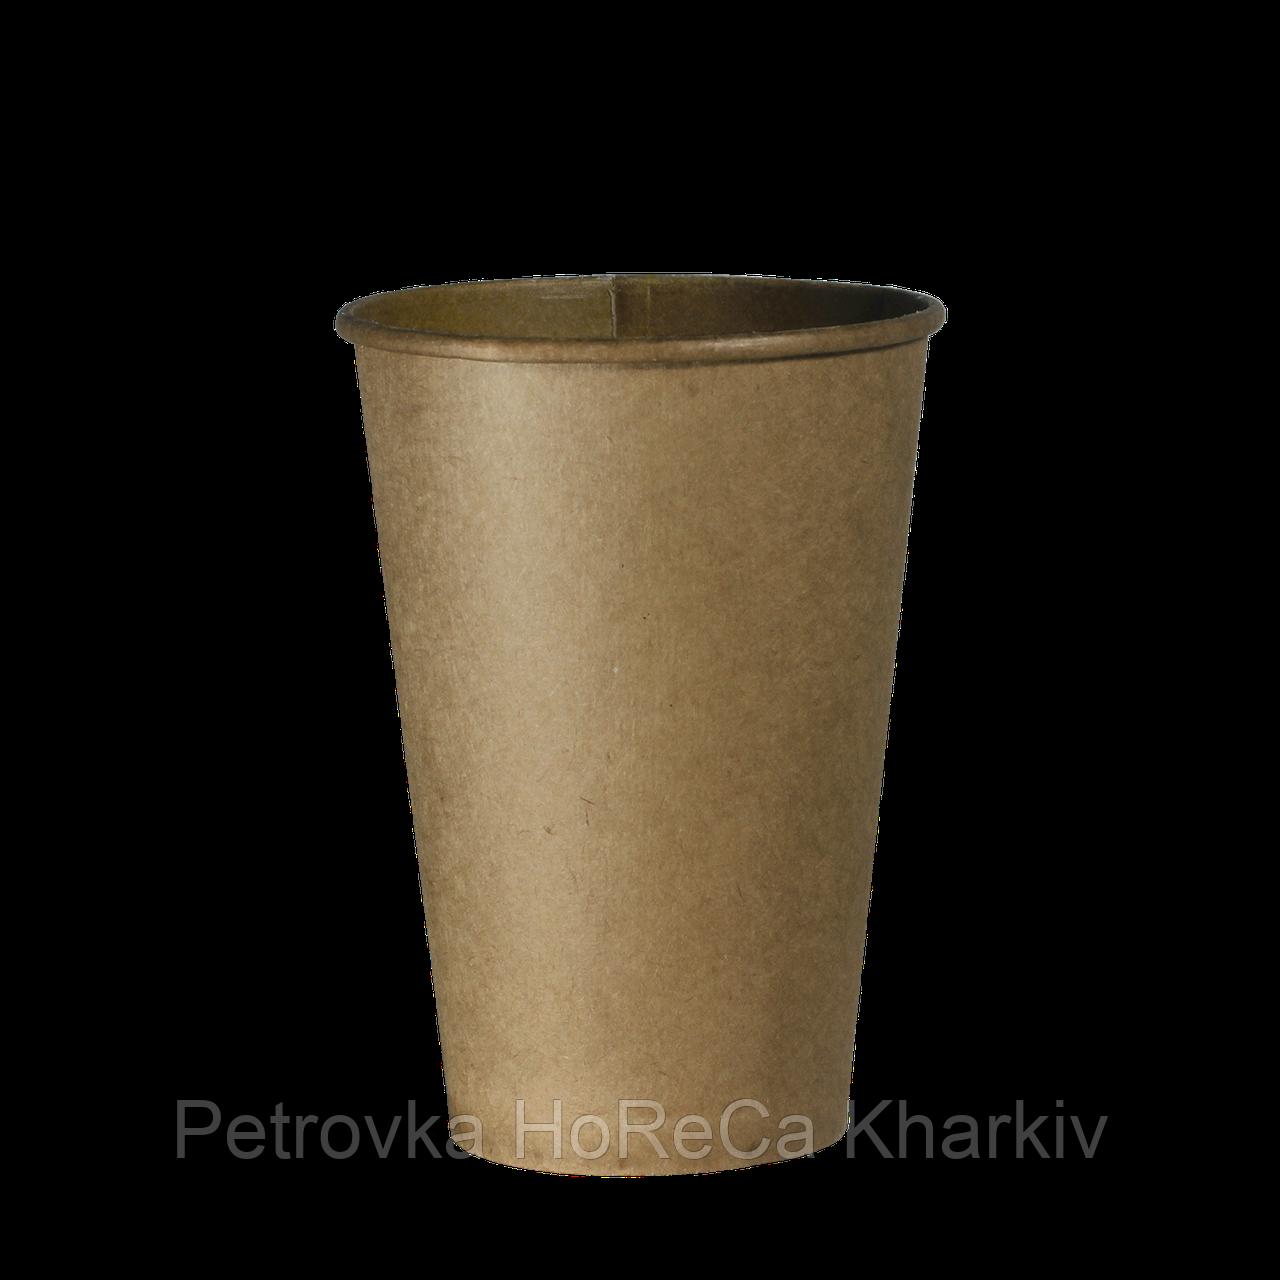 """Одноразовий стакан, серія Крафт """"Х"""", 350мл. Євро, 50шт/уп (1ящ/20уп/1000шт) під кришку КВ90"""